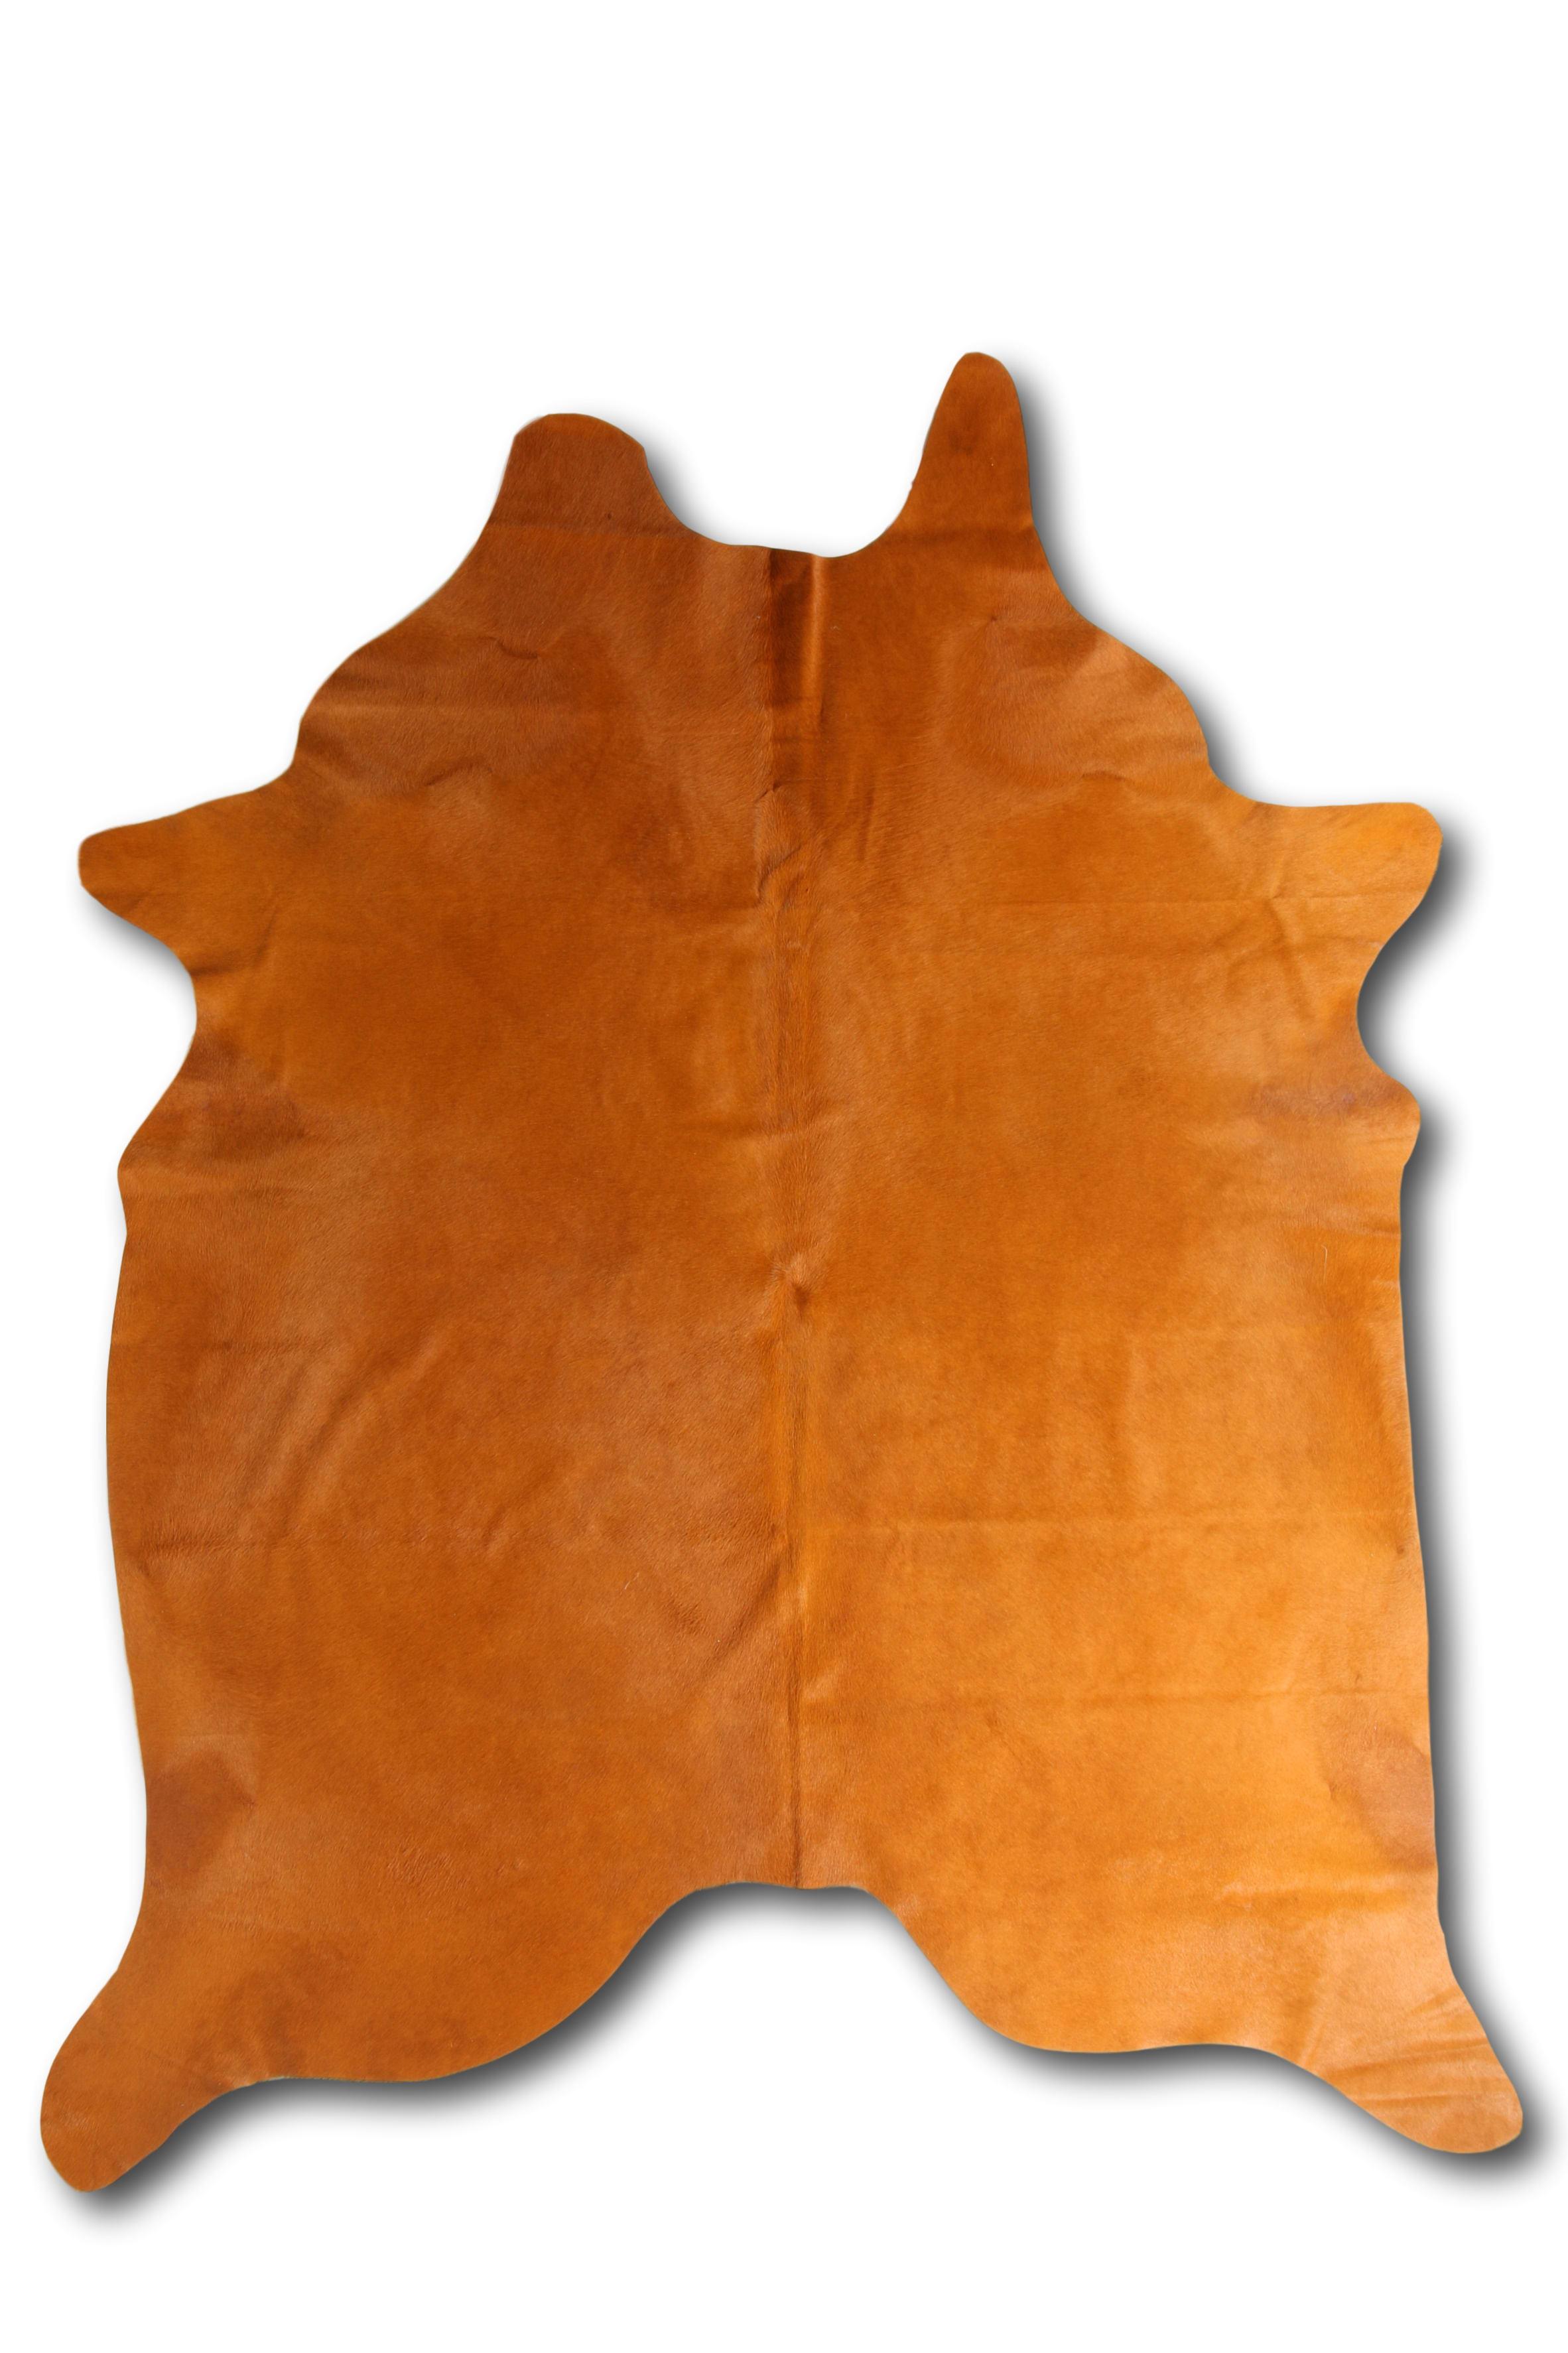 Tapis en peau de vache coloré ocer 180x200